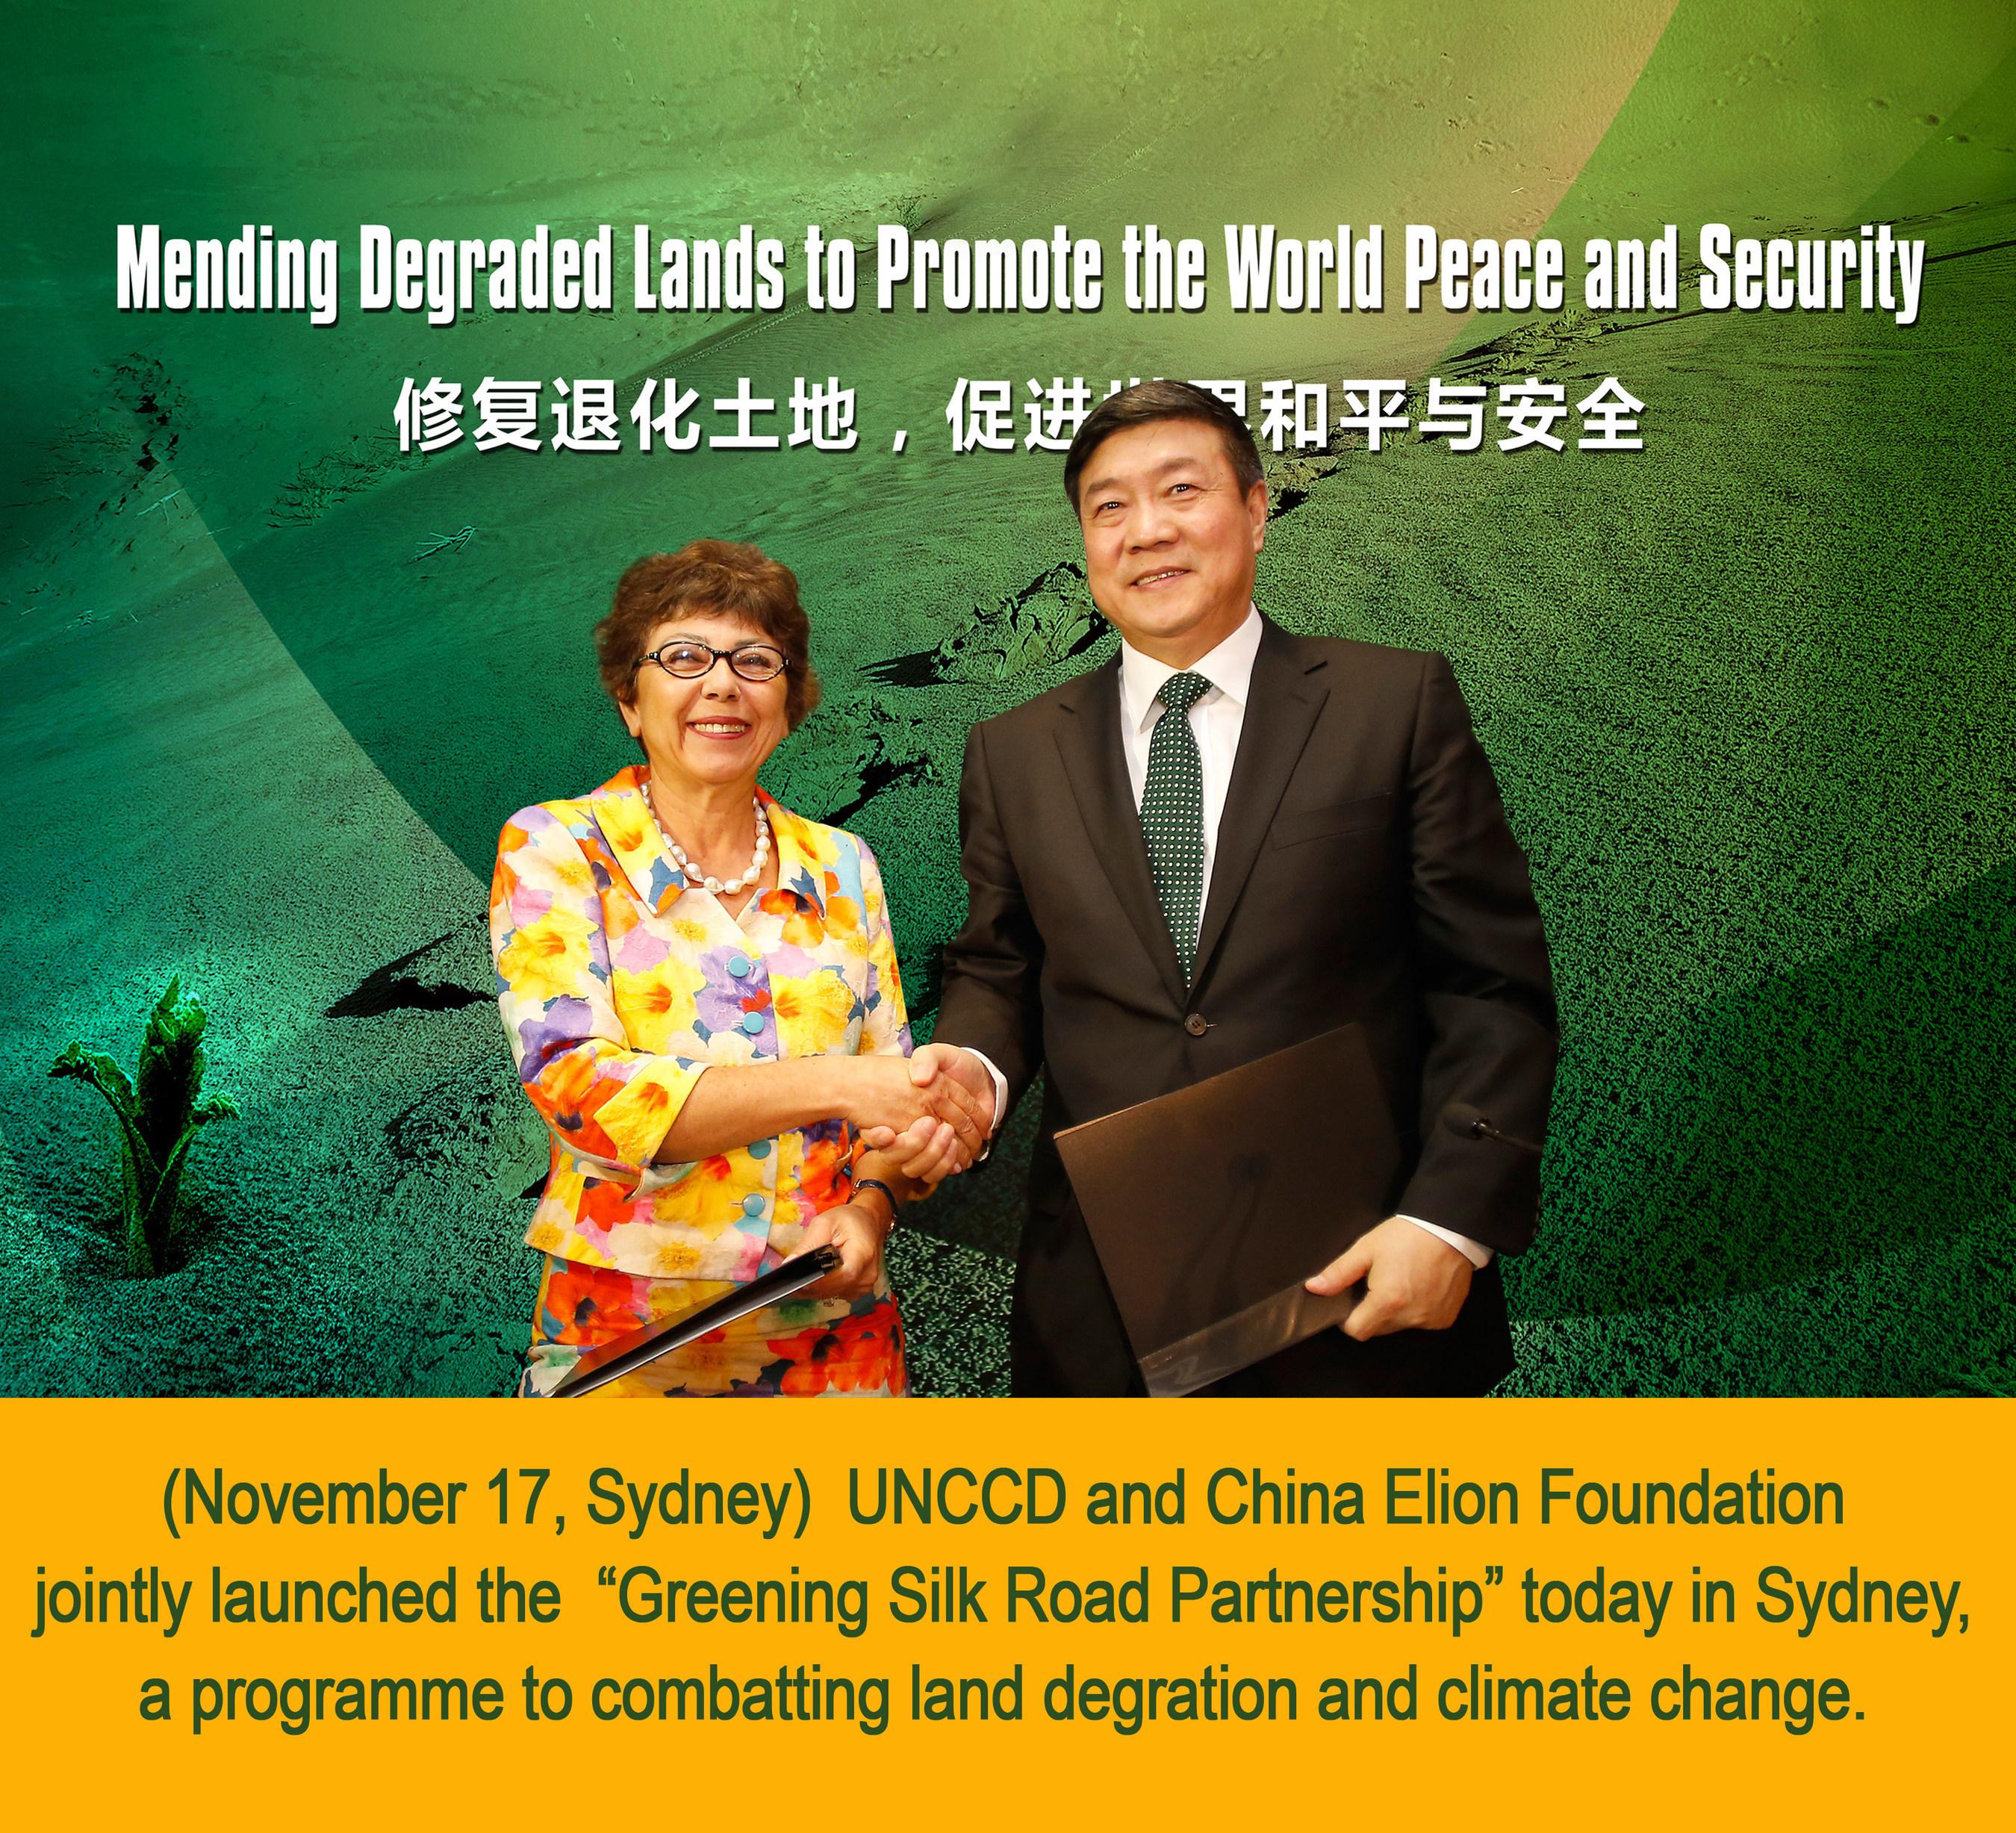 Un « Partenariat d'écologisation de la route de la soie » pour s'attaquer à la dégradation des sols